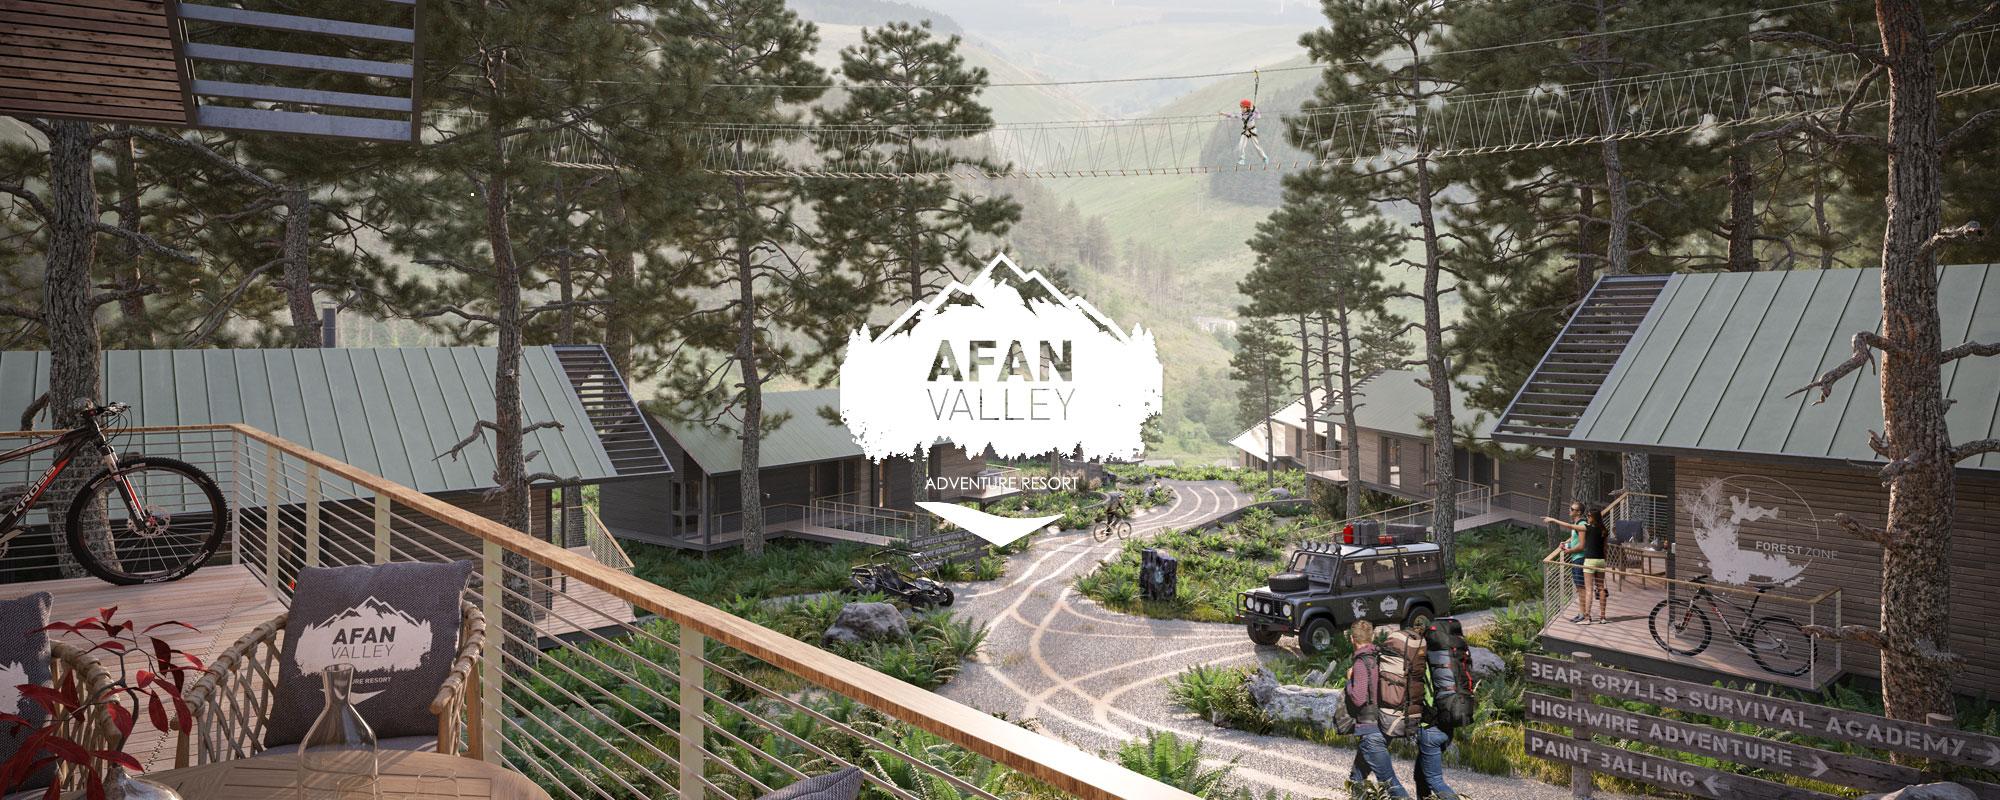 Afan Valley Adventure Resort Forest Zone viewing platform